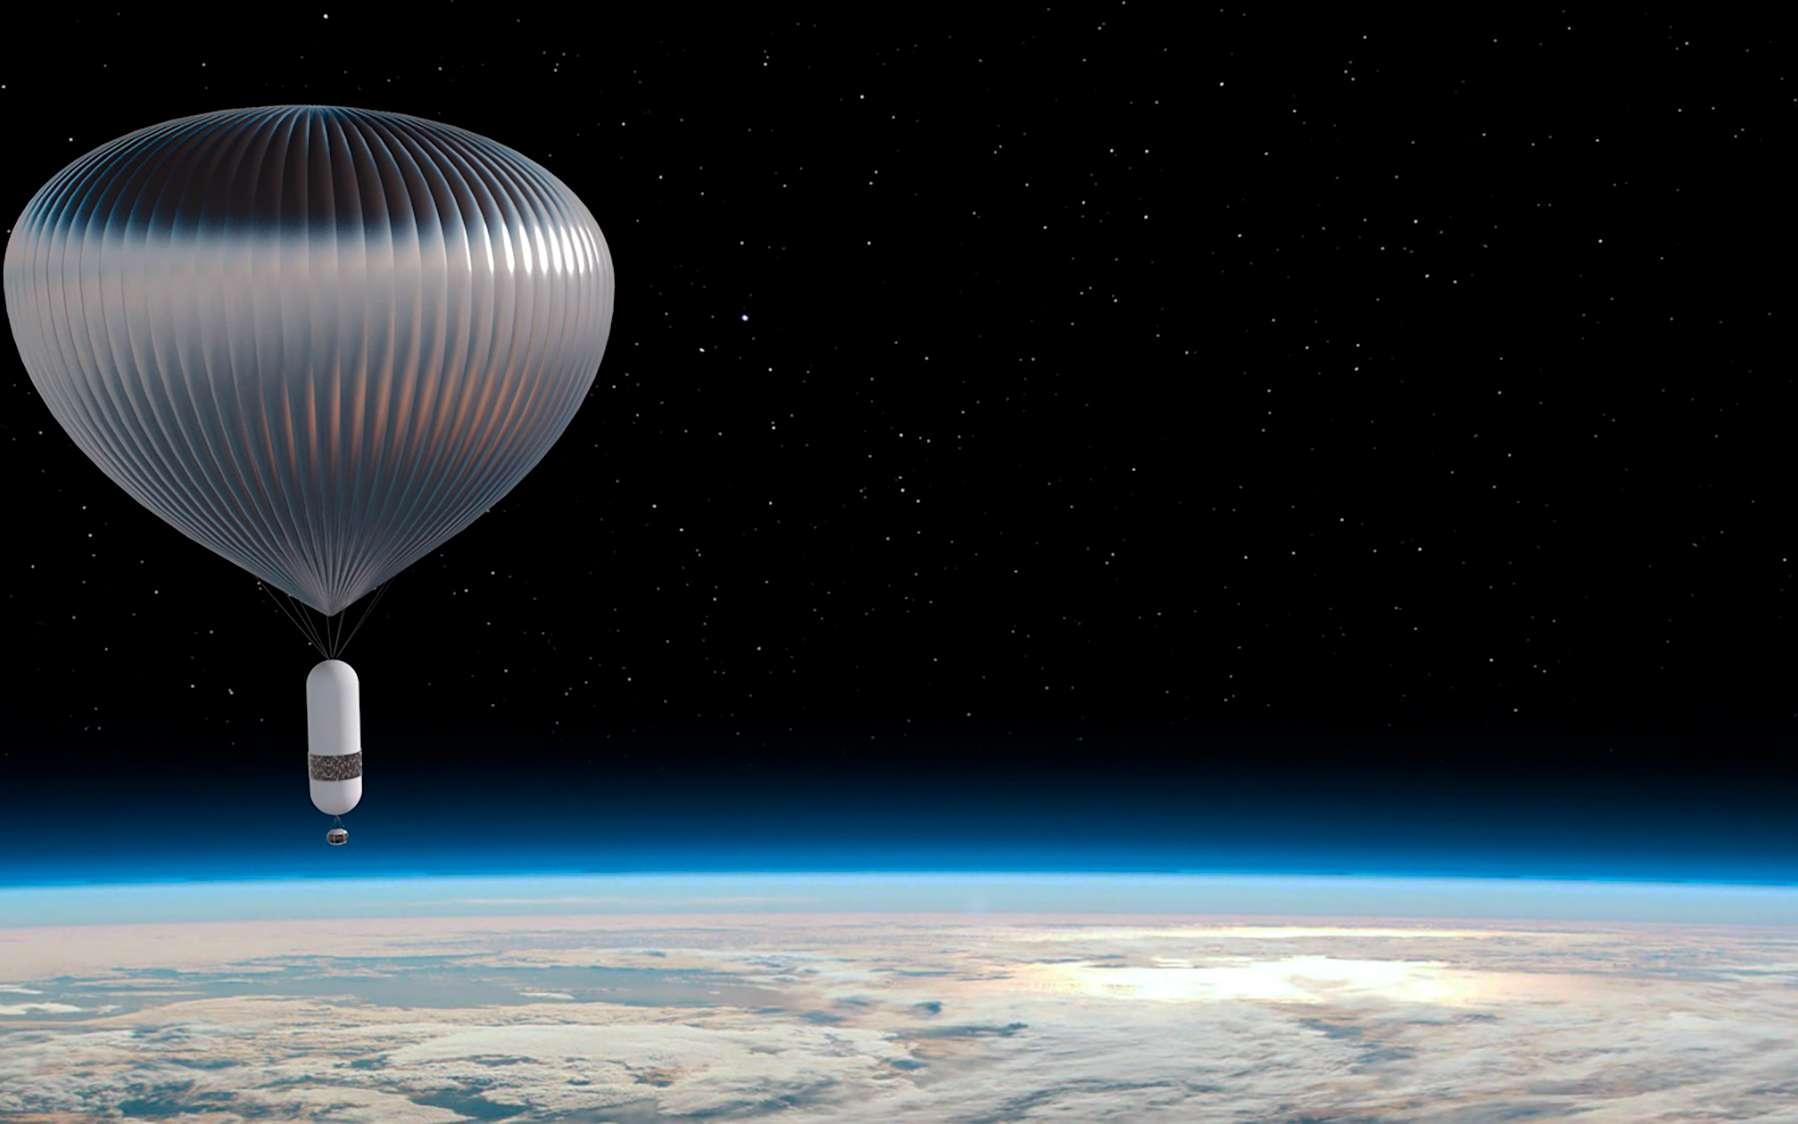 Le ballon stratosphérique de Zephalto. Haut de 130 mètres, il sera utilisé pour des vols habités à 25 kilomètres d'altitude et le transport d'expériences ou de charges utiles pour des applications scientifiques et industrielles. © Zephalto